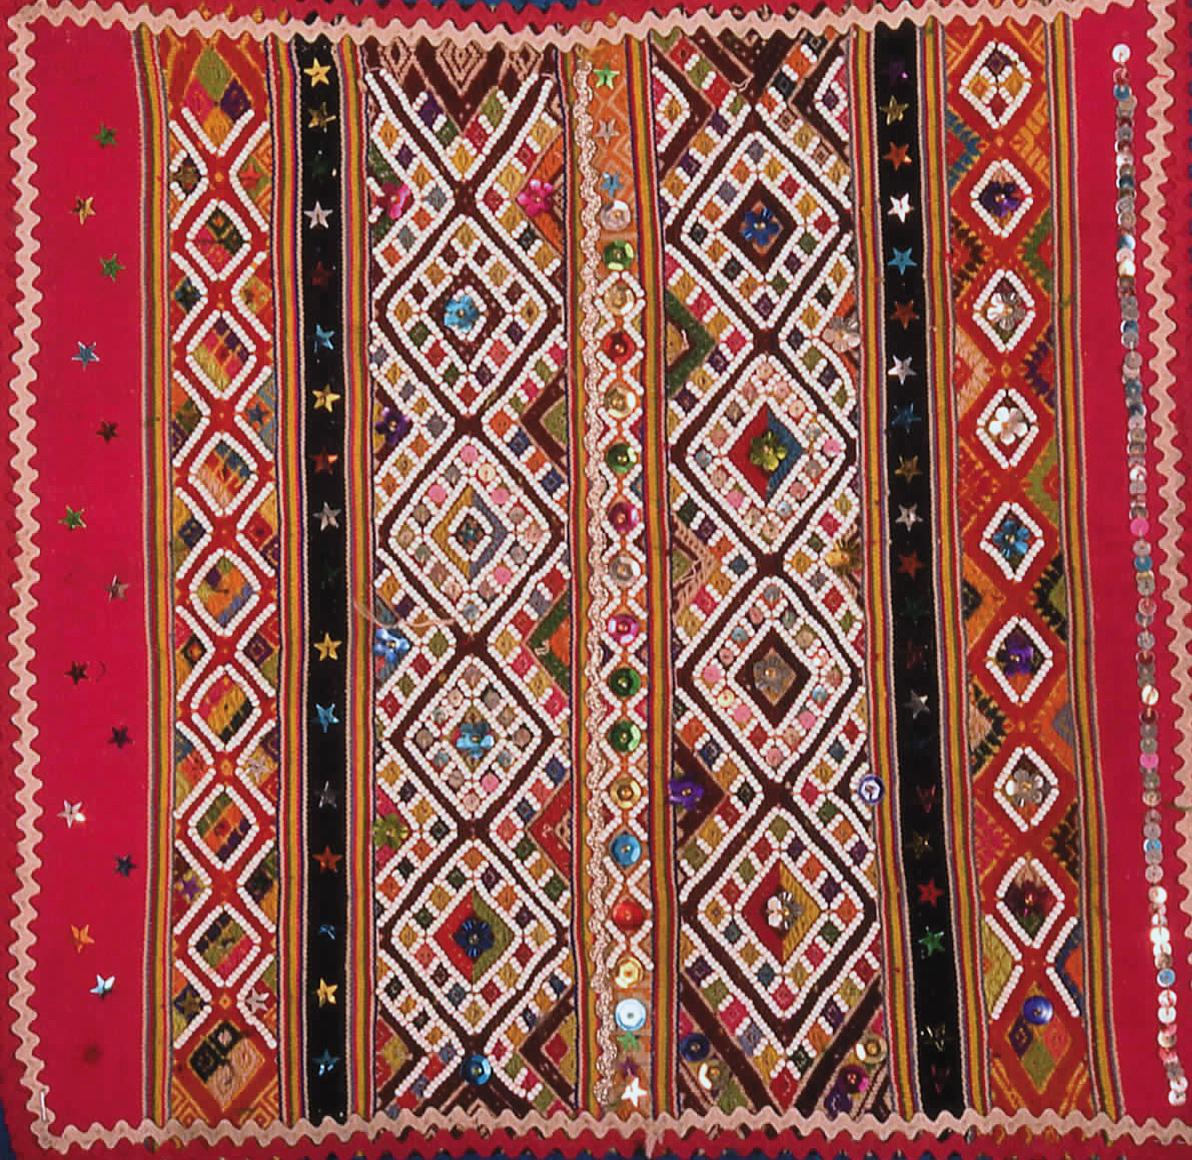 SQJ_1507_Inca_Weaving_08-FOR-WEB.jpg